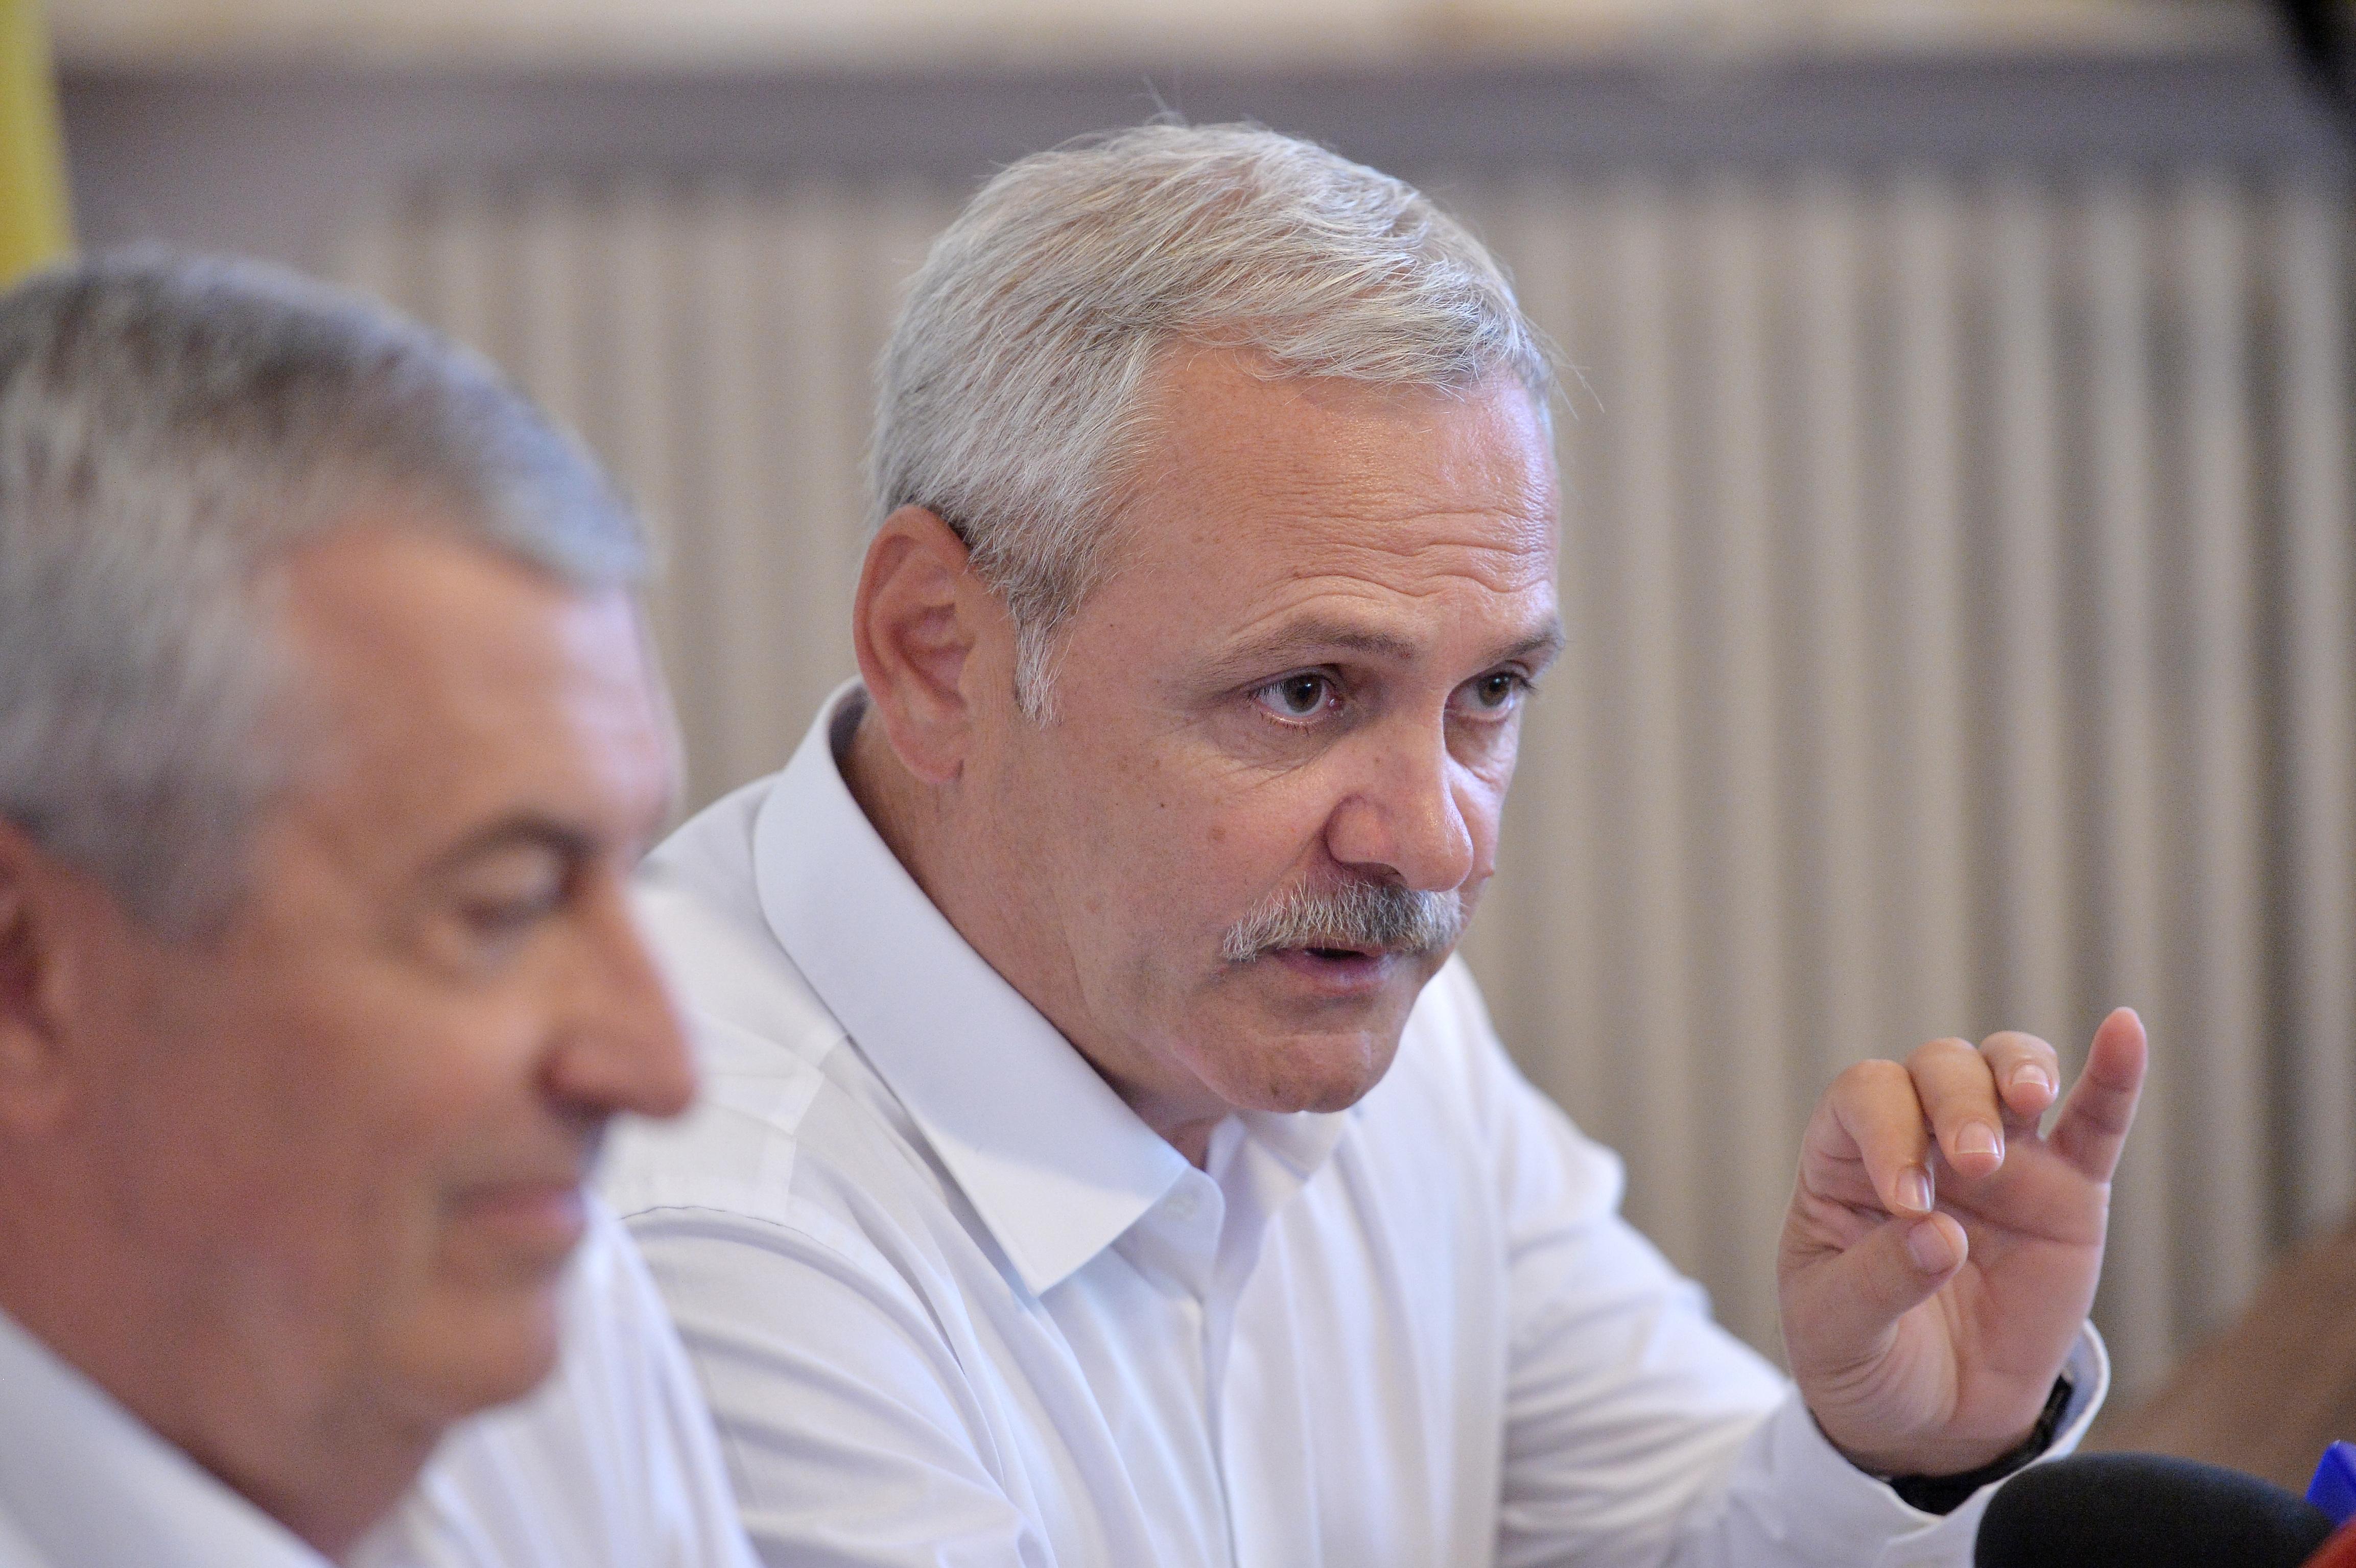 Dragnea şi Tăriceanu au sesizat Curtea Constituţională privind un posibil CONFLICT între instituţiile statului. Ce instituţie este vizată de cei doi şefi ai Parlamentului